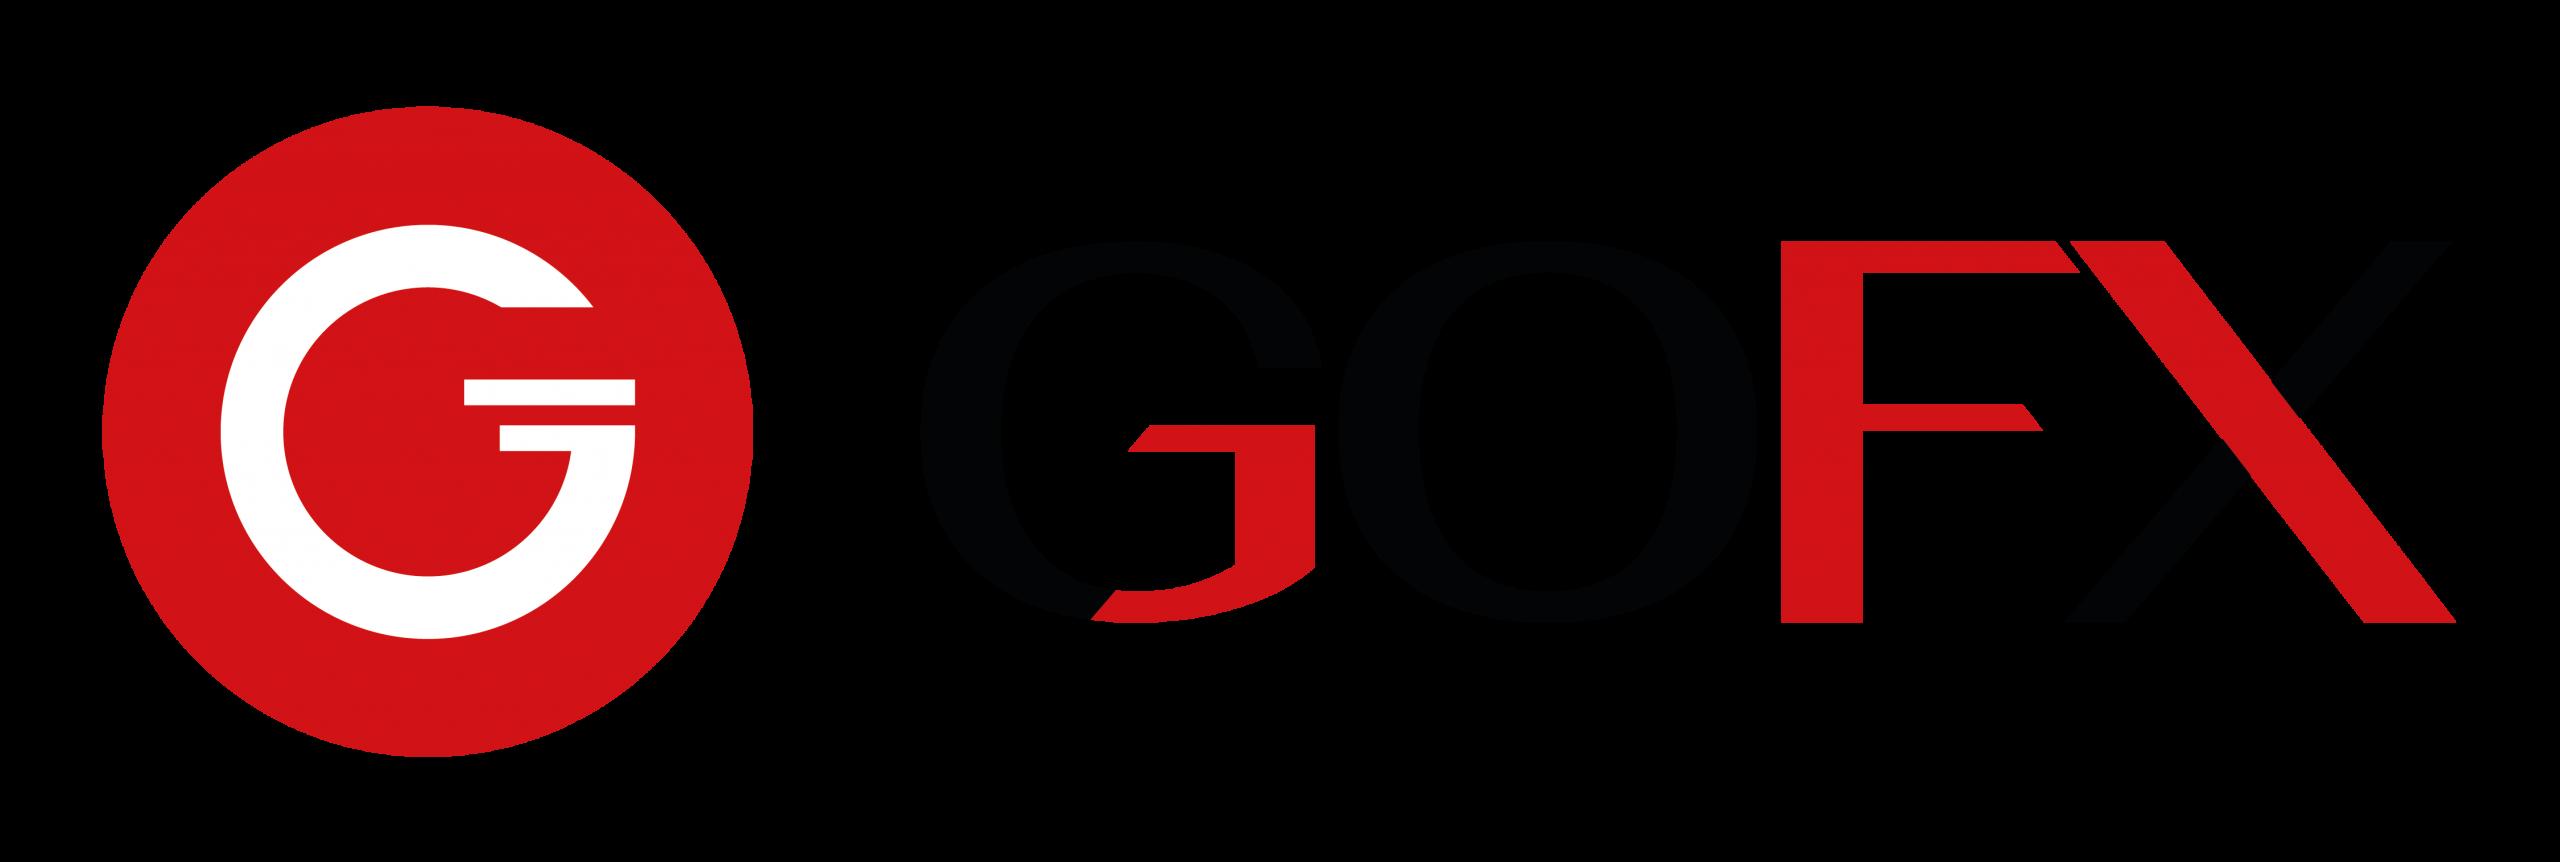 GOFX ฟรีโบนัสทำกำไร 30$